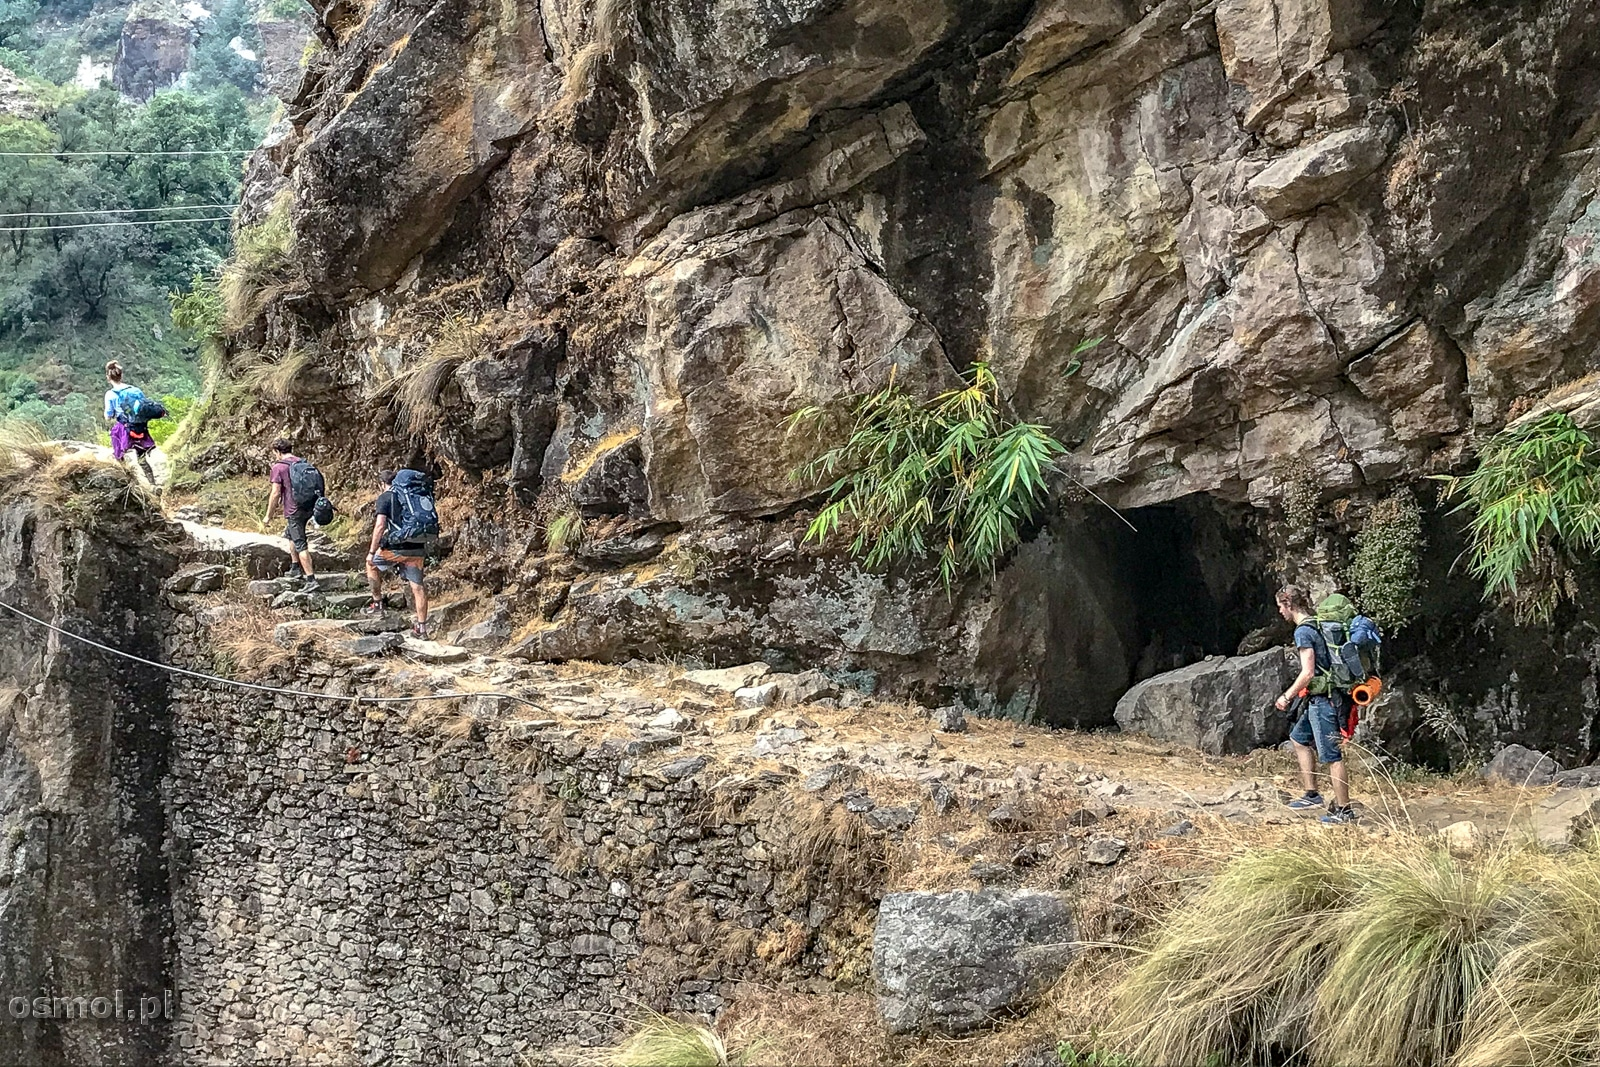 Szlak w Nepalu - dolne partie trekkingu dookoła Annapurny